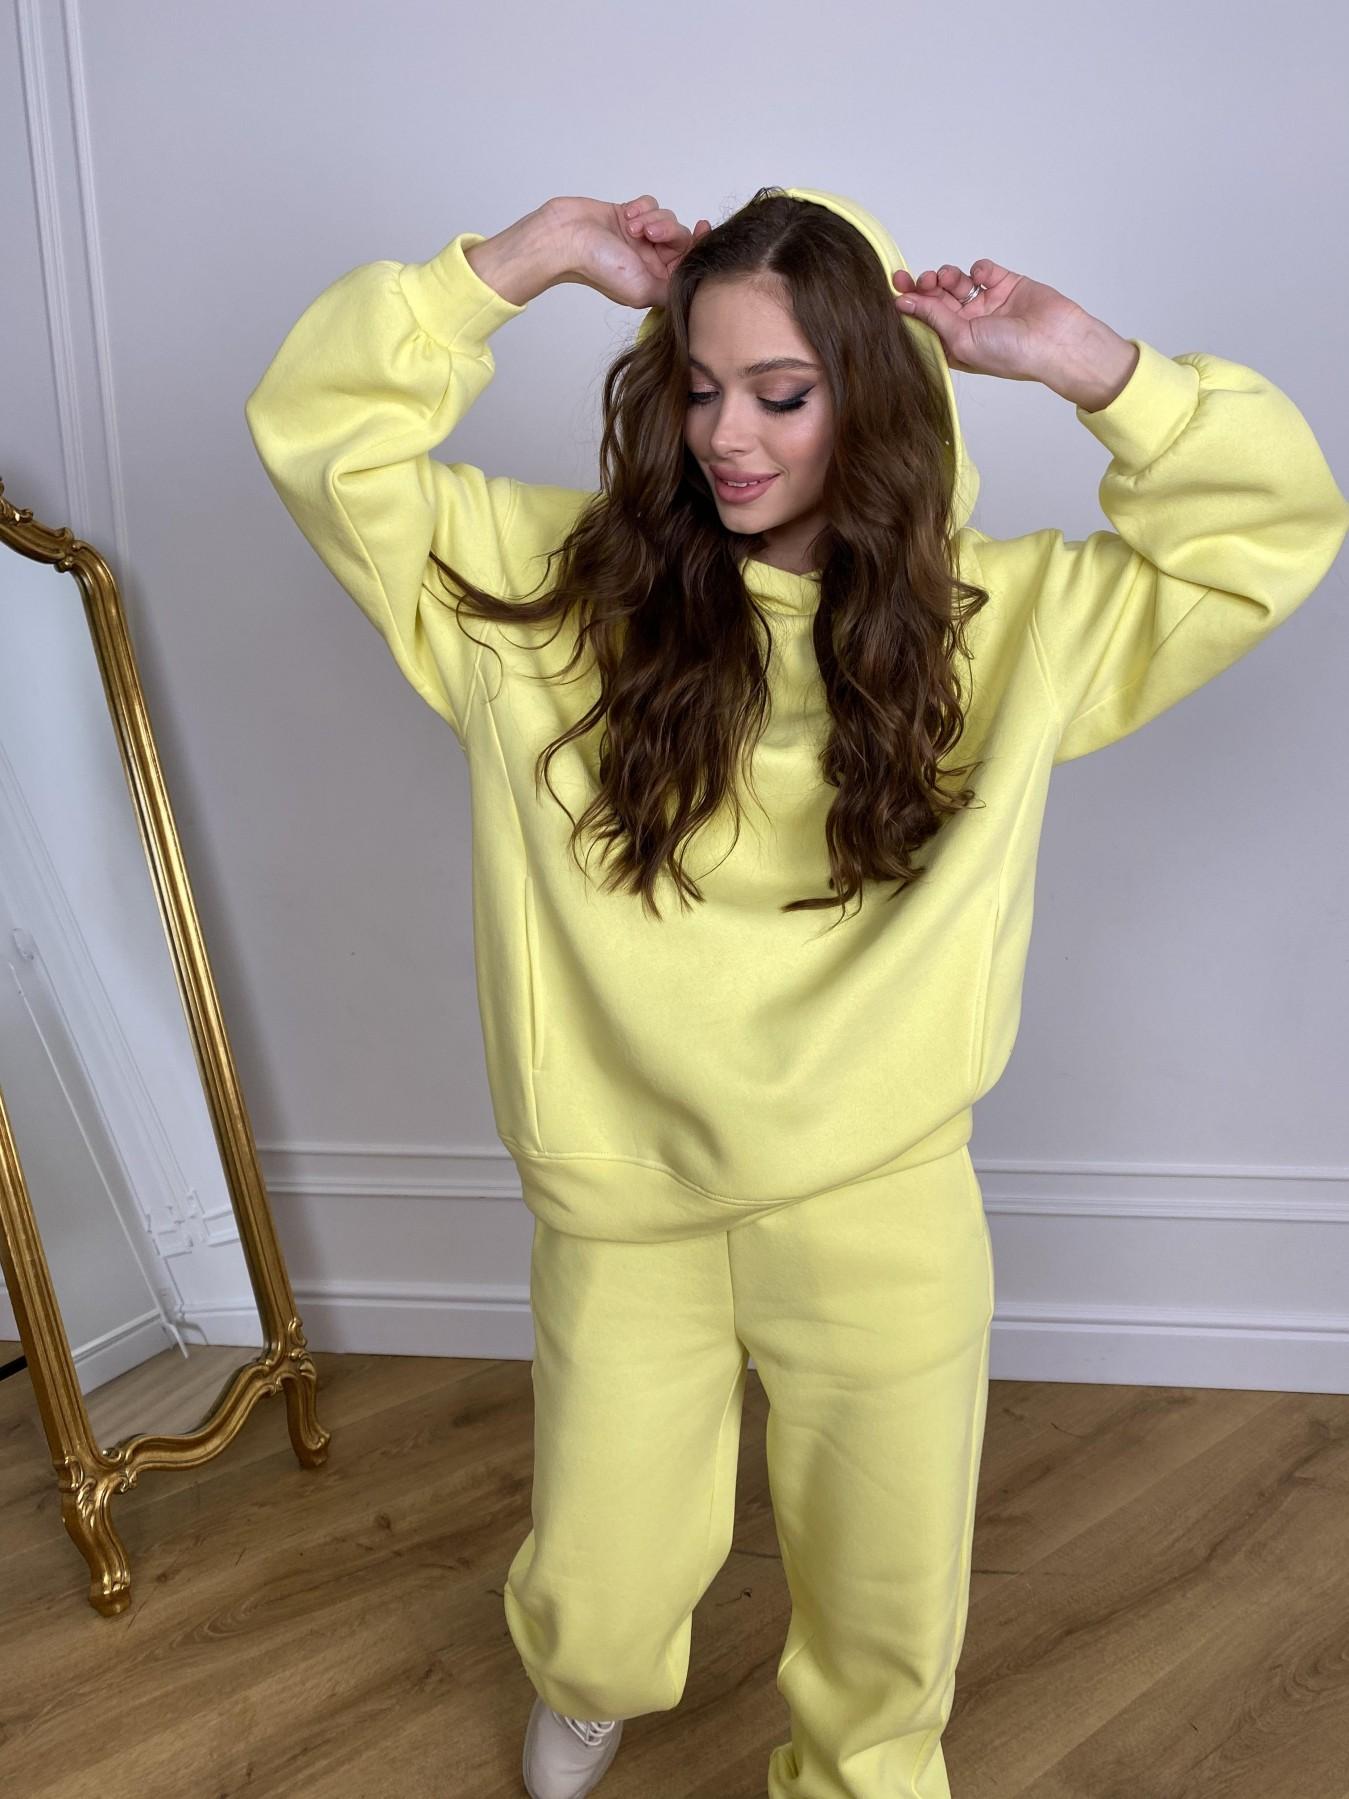 Марион костюм в  стиле Oversize  3х нитка 9651 АРТ. 46905 Цвет: Лимон - фото 3, интернет магазин tm-modus.ru